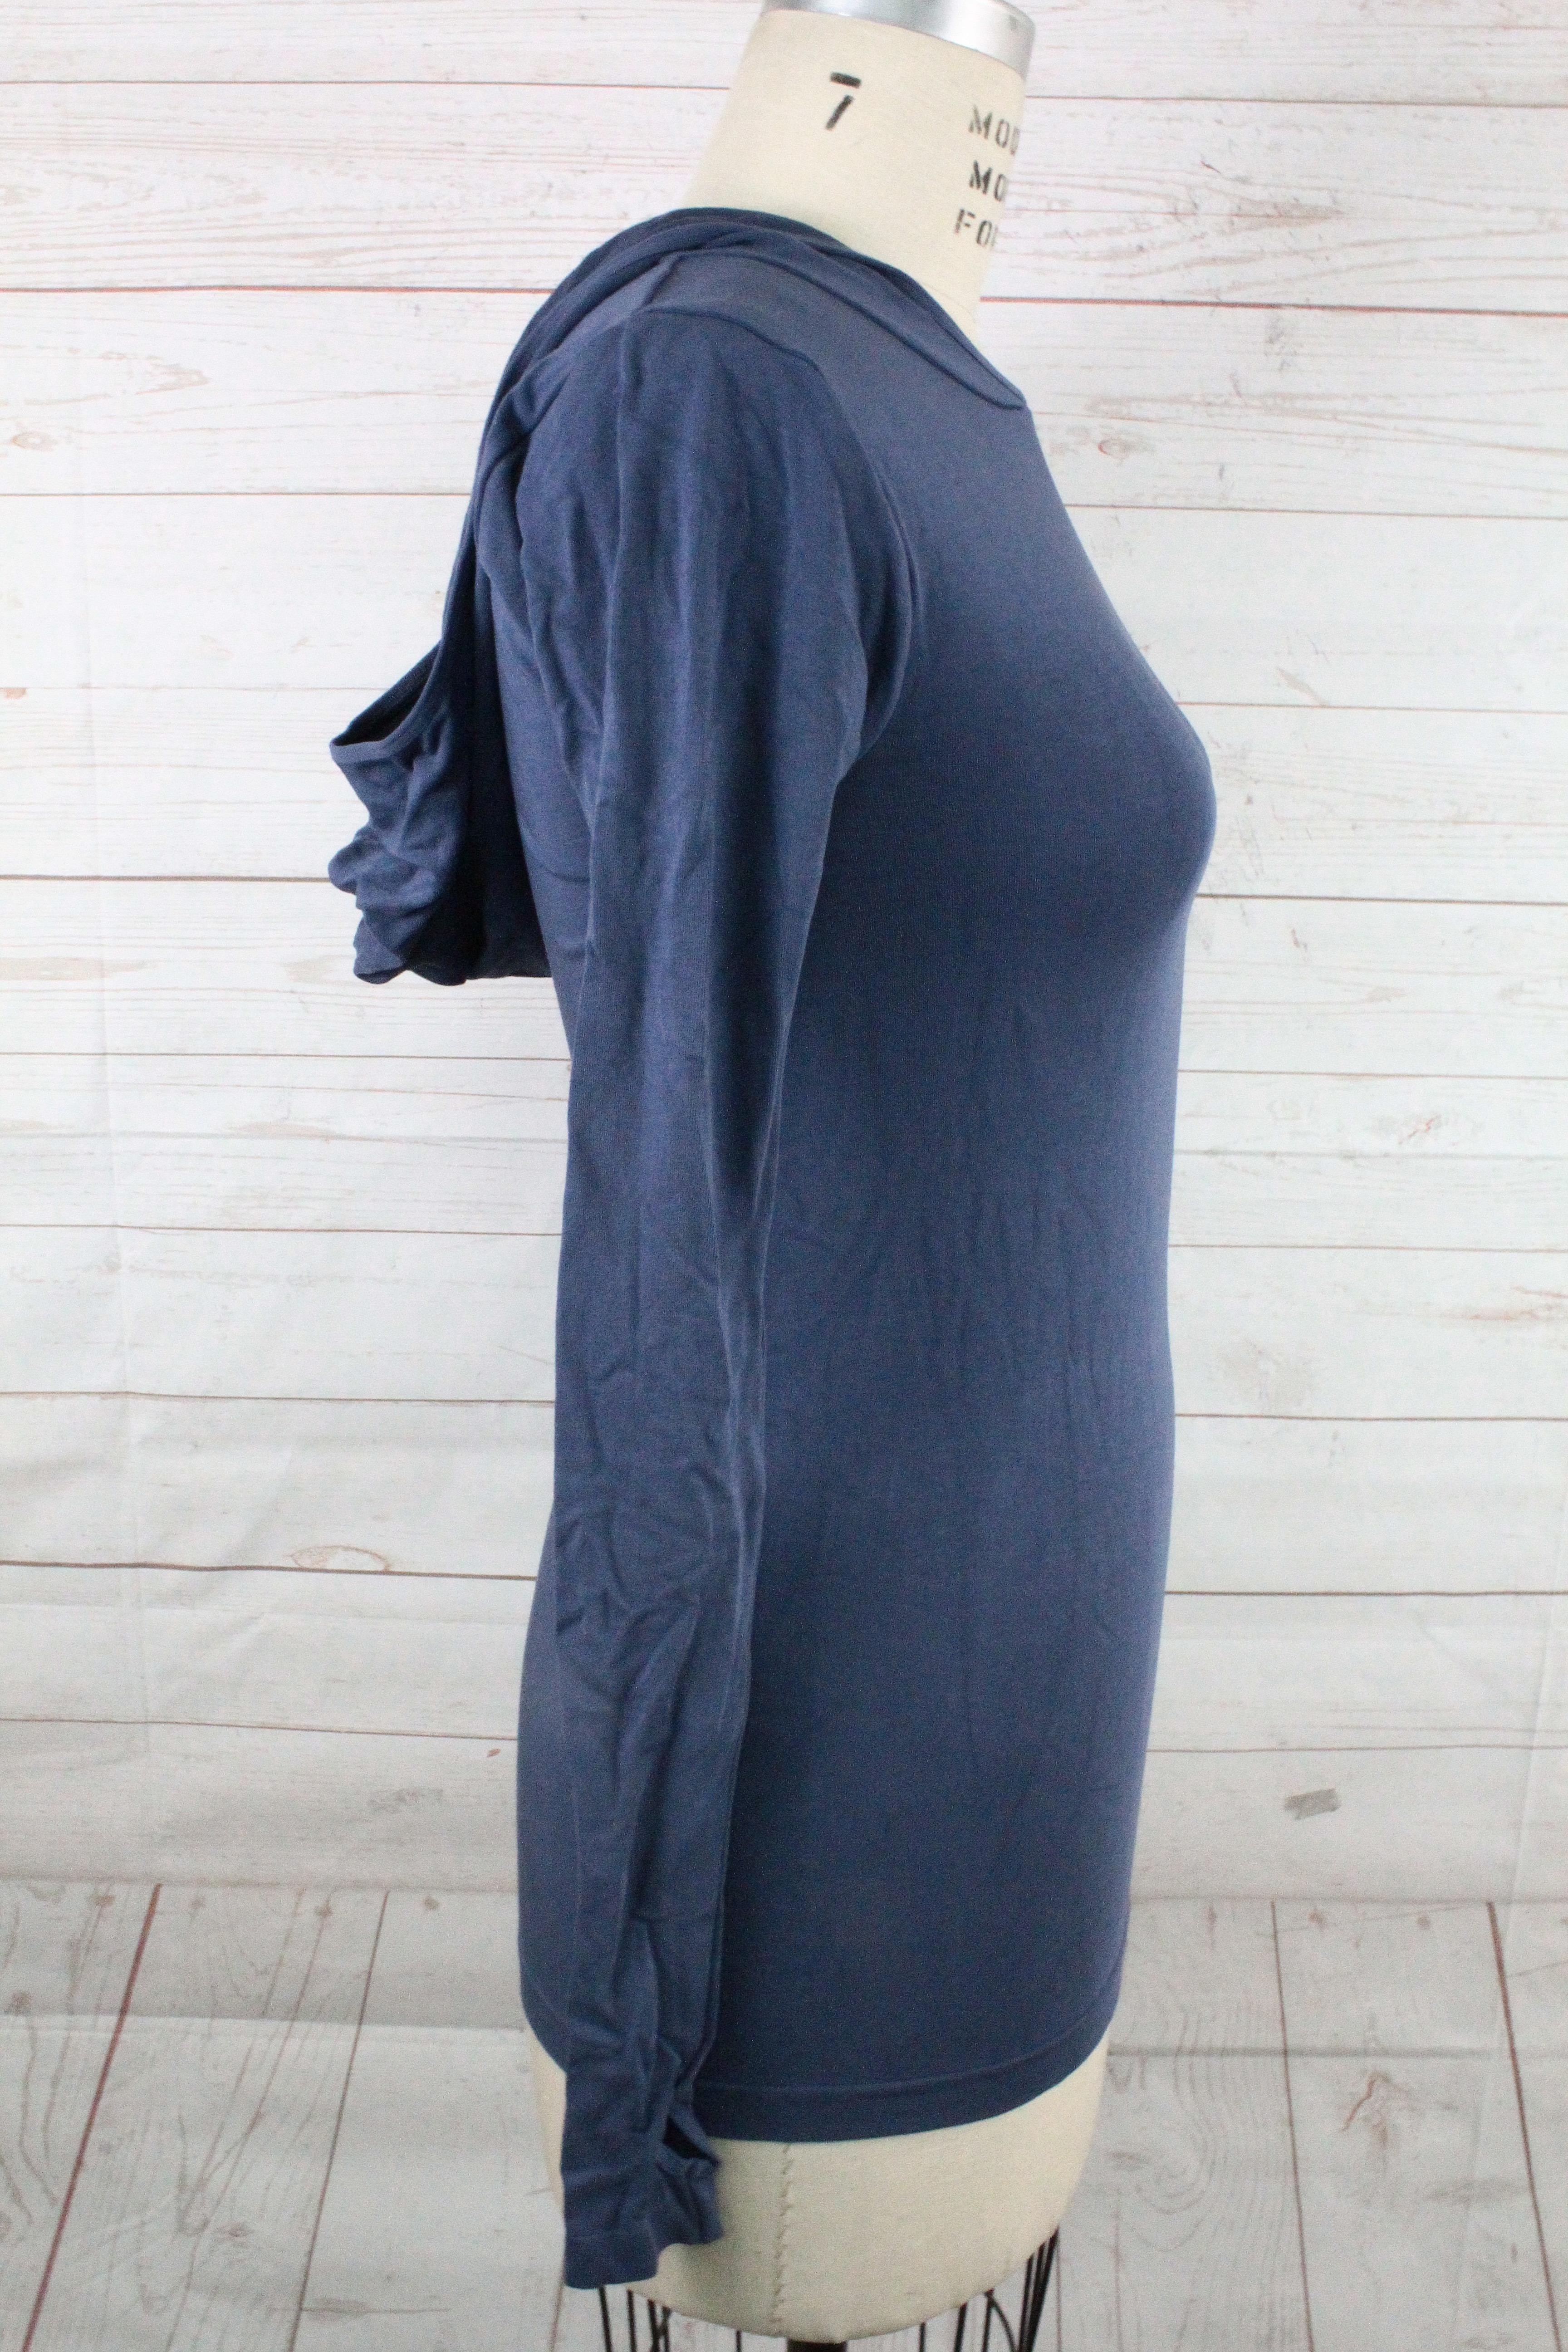 Activewear à de à Free longues People Movement68 sweat manches manches Nouveau sans capuche T3Fc1lJK